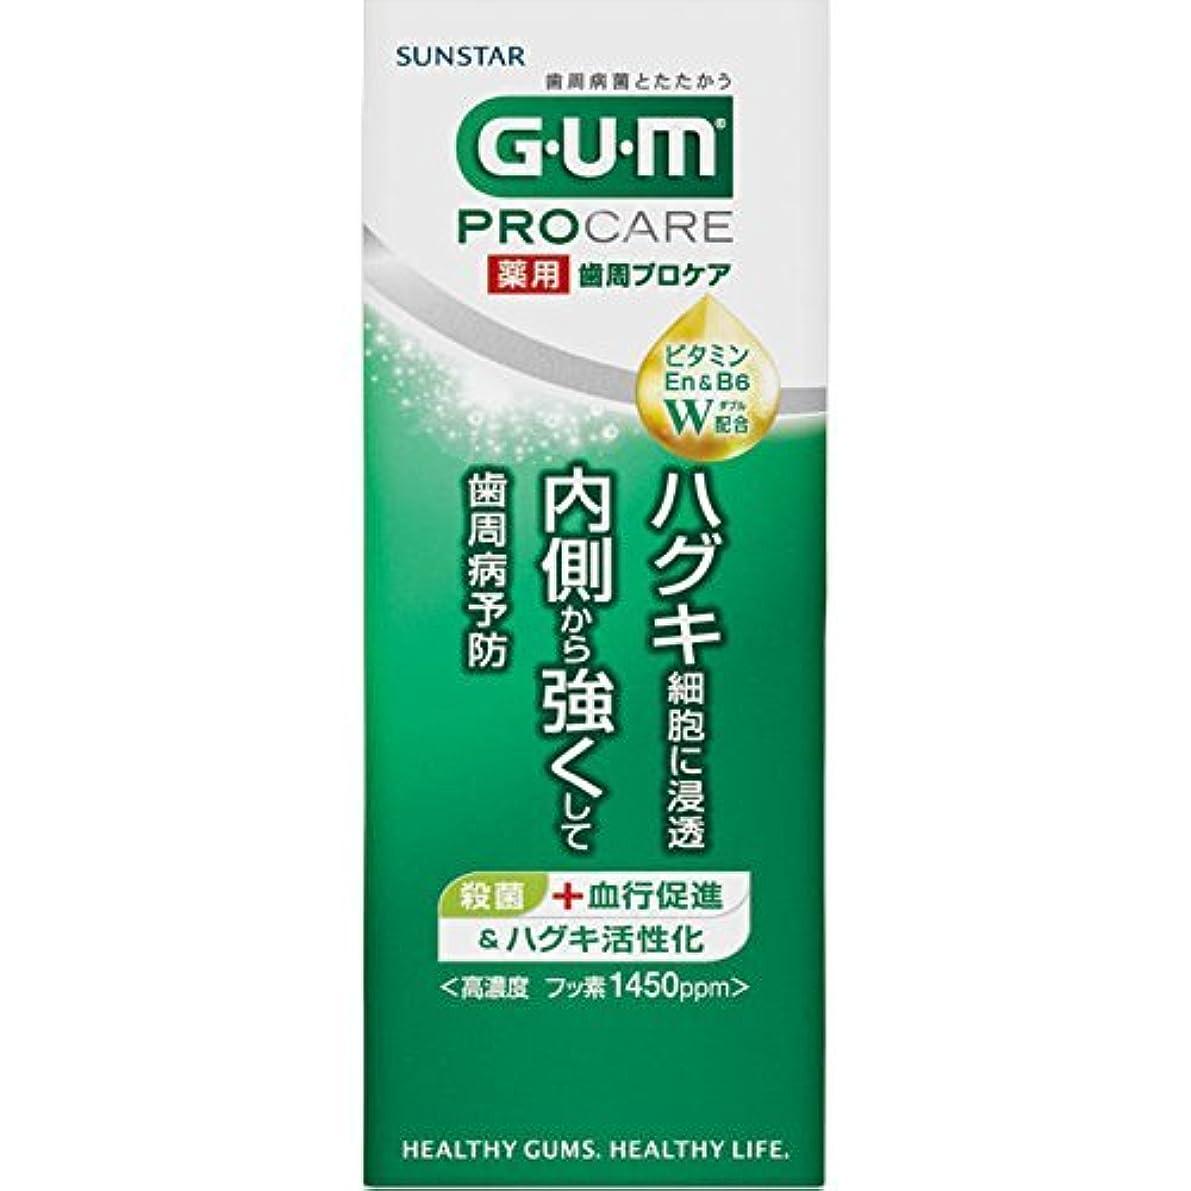 ずんぐりした微視的引き出す[医薬部外品] GUM(ガム) 歯周プロケア 歯みがき ミニサイズ トライアル 50g <歯周病予防 ハグキケア 高濃度フッ素配合 1450ppm>